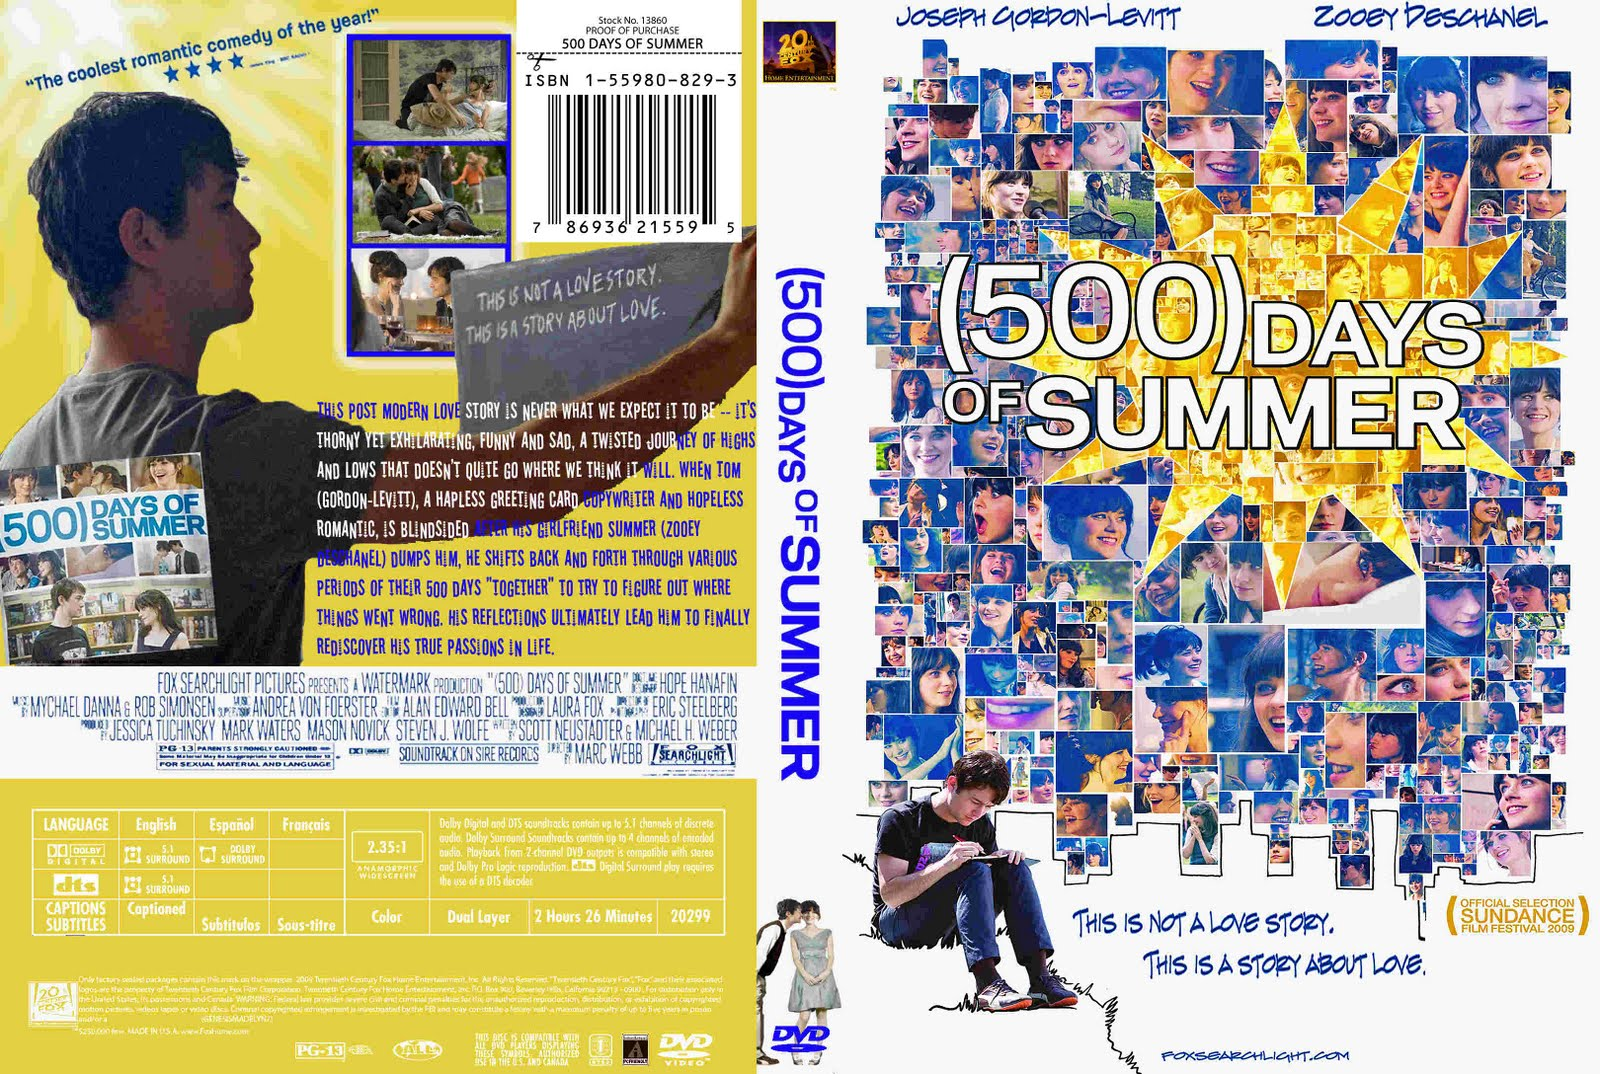 http://2.bp.blogspot.com/_q3YZcCRuQgs/SwkT1LkGbnI/AAAAAAAAABU/cmGNO5zxh9A/s1600/500_Days_Of_Summer_(2009)_R1_CUSTOM-[Front]-[www.FreeCovers.net].jpg